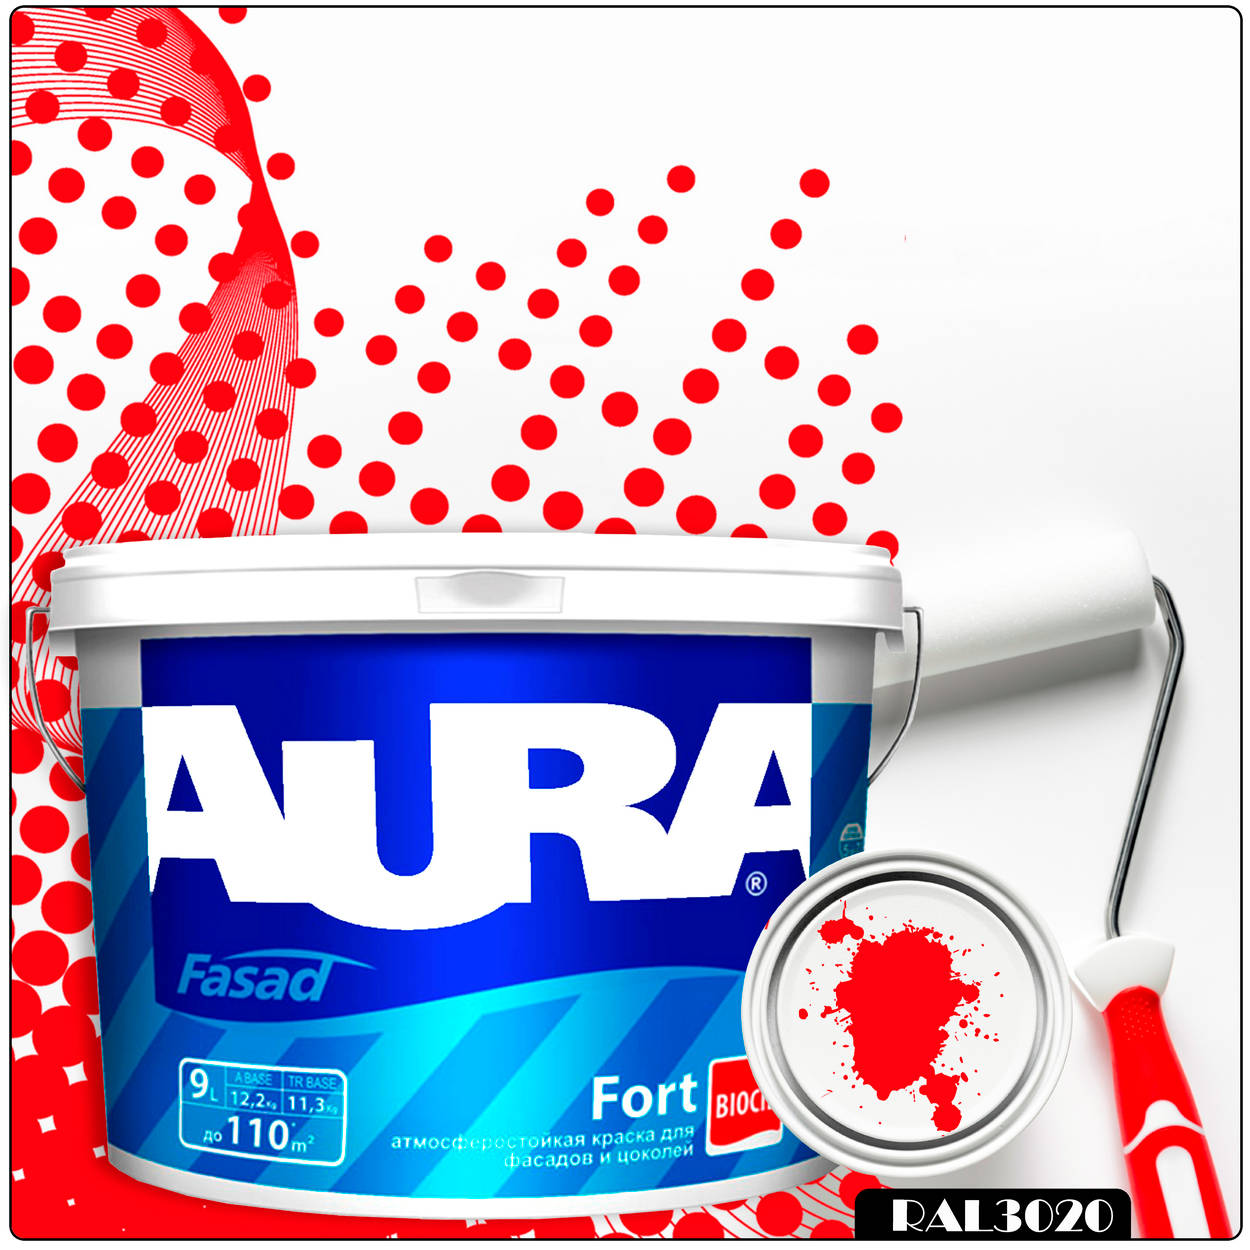 Фото 17 - Краска Aura Fasad Fort, RAL 3020 Транспортный красный, латексная, матовая, для фасада и цоколей, 9л, Аура.